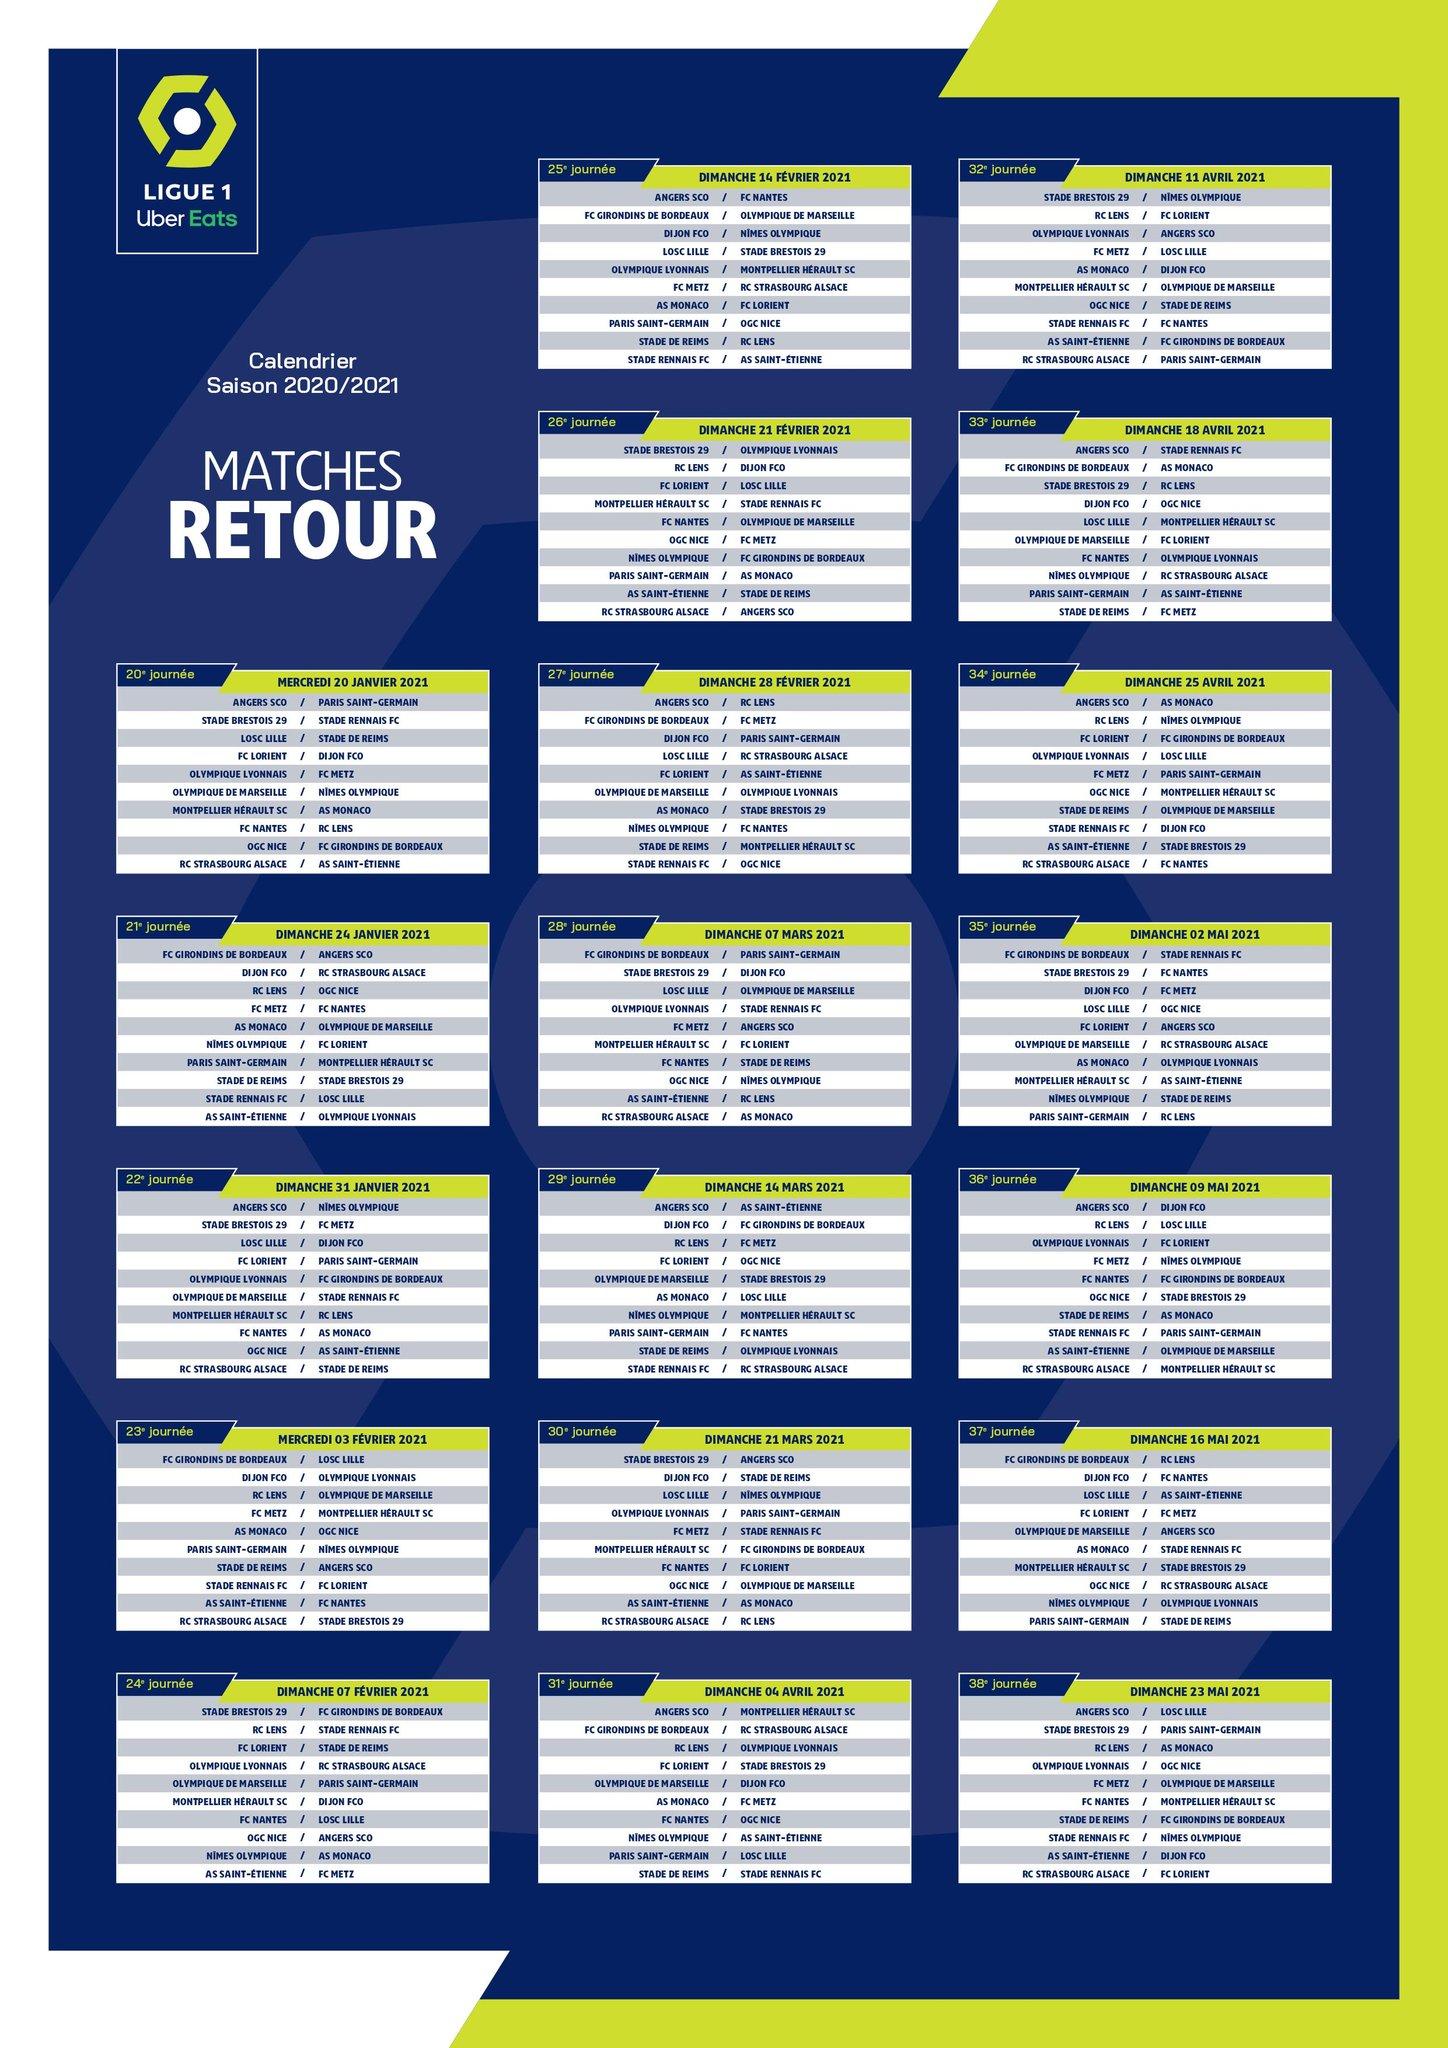 Calendrier Marseille 2021 2020/2021 : le calendrier complet de la Ligue 1 — Alsa'Sports